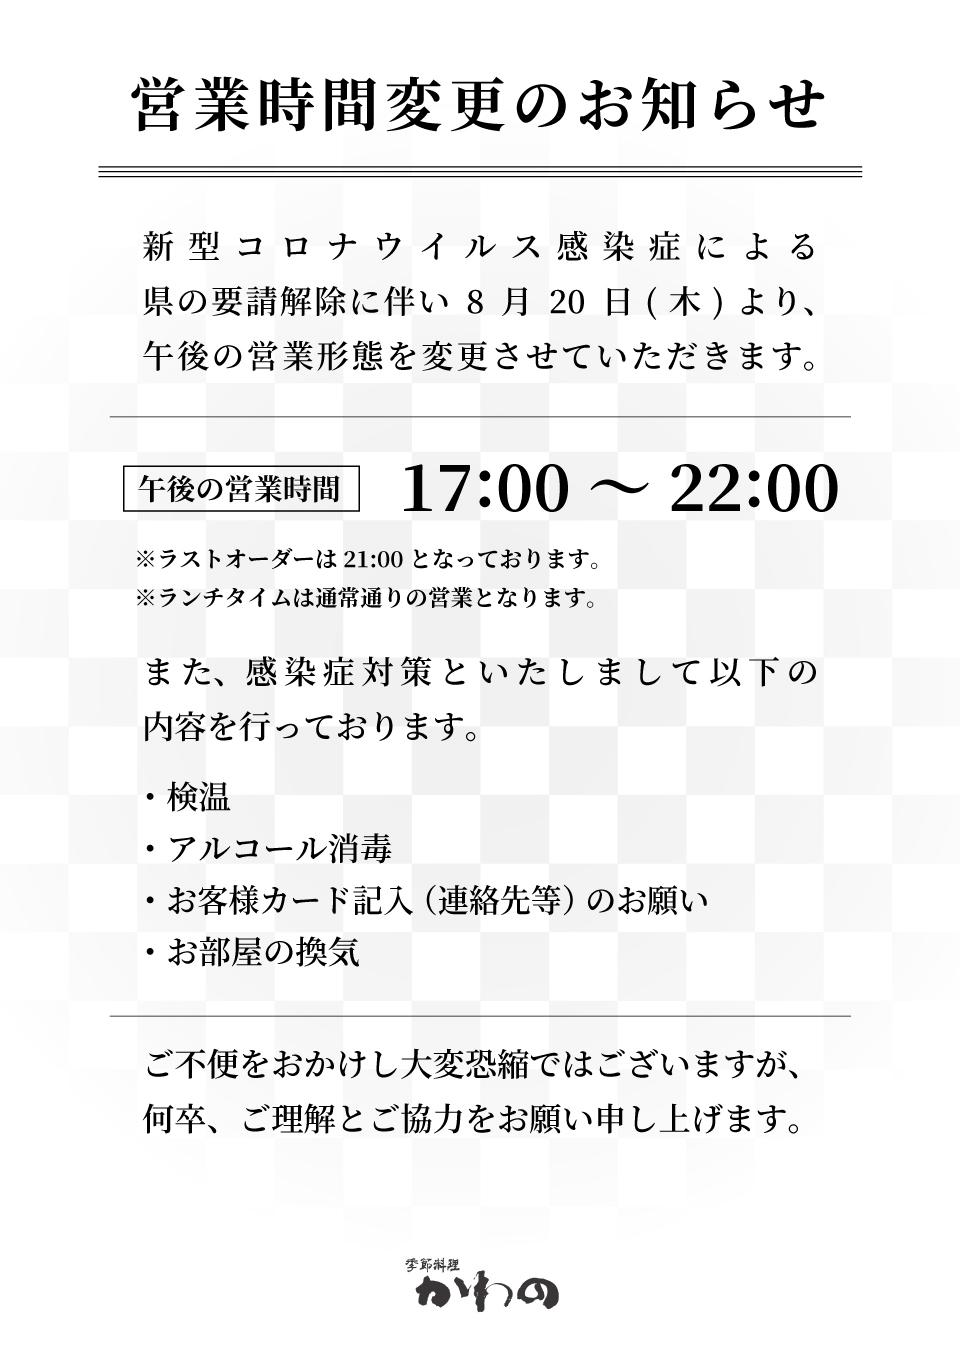 かわの営業時間変更のお知らせ819.jpg